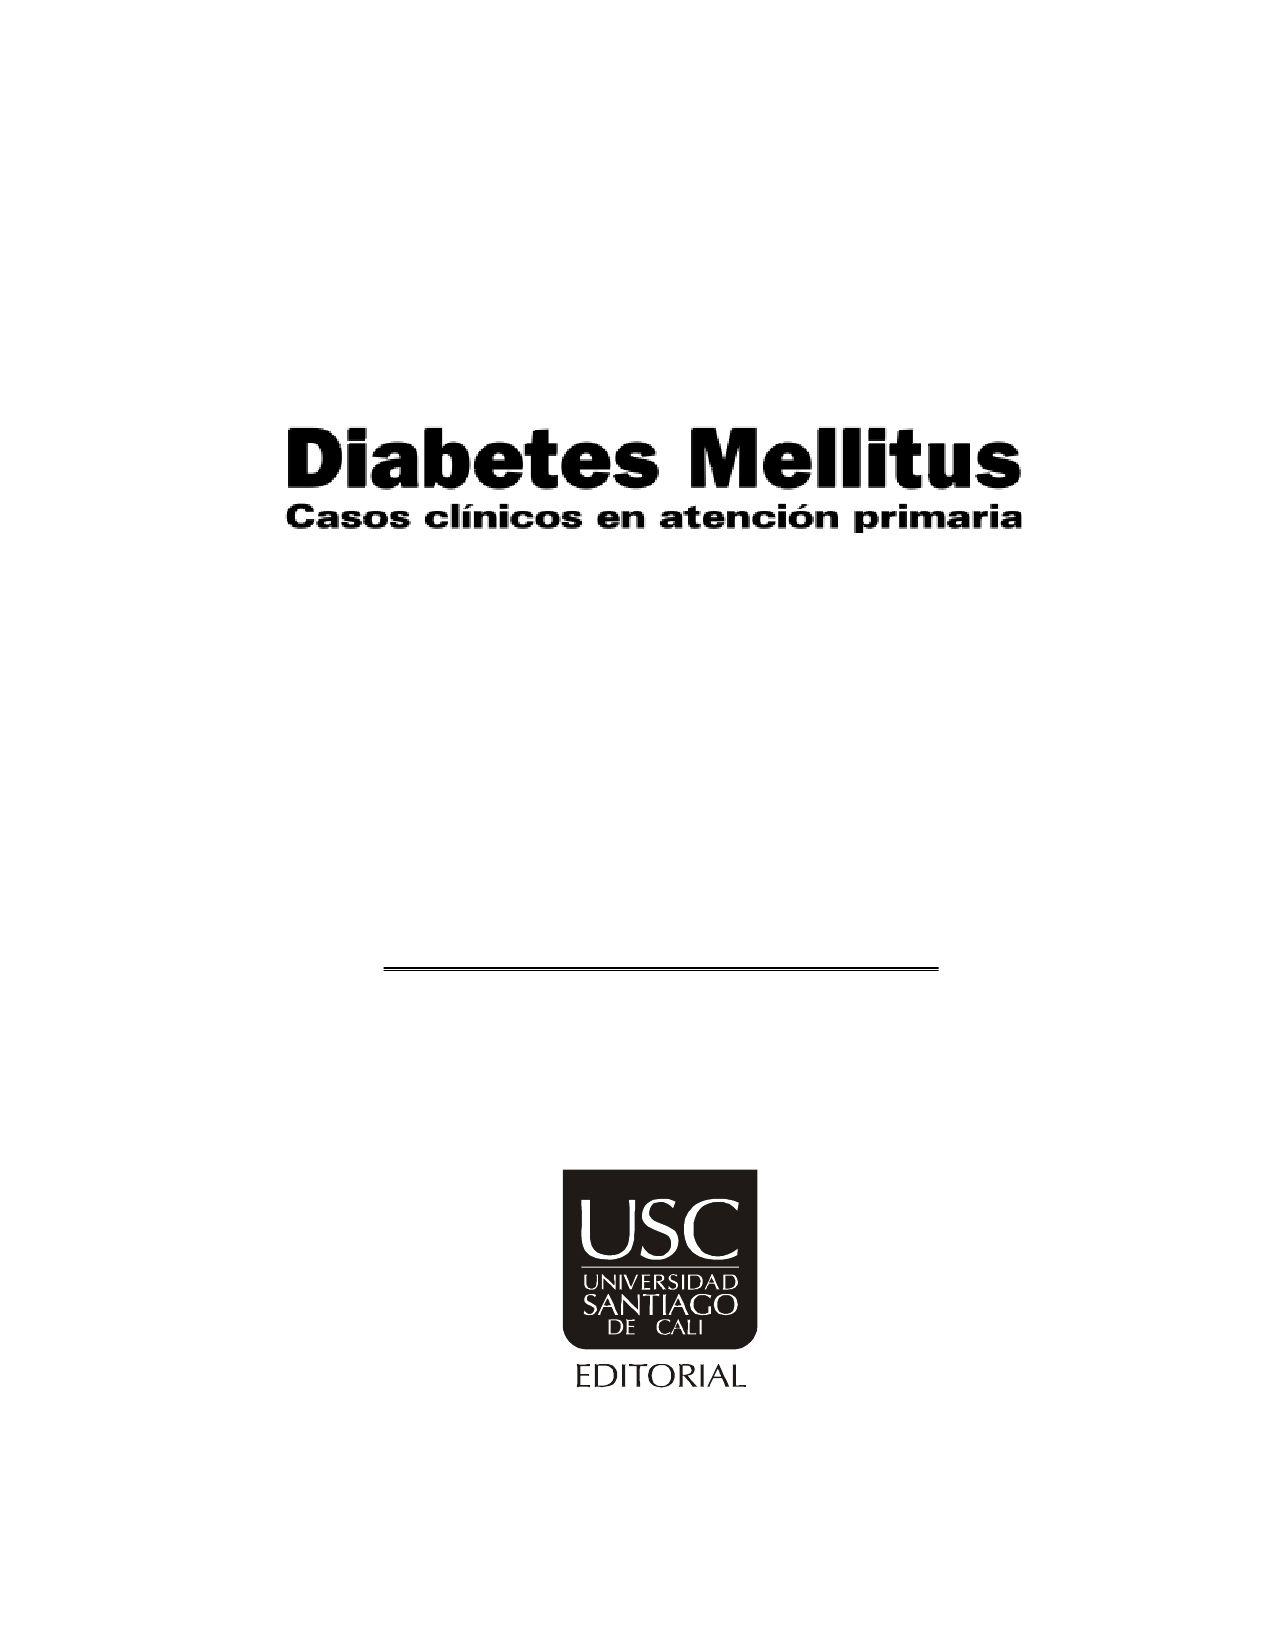 tratamiento de diabetes pae enfermeria